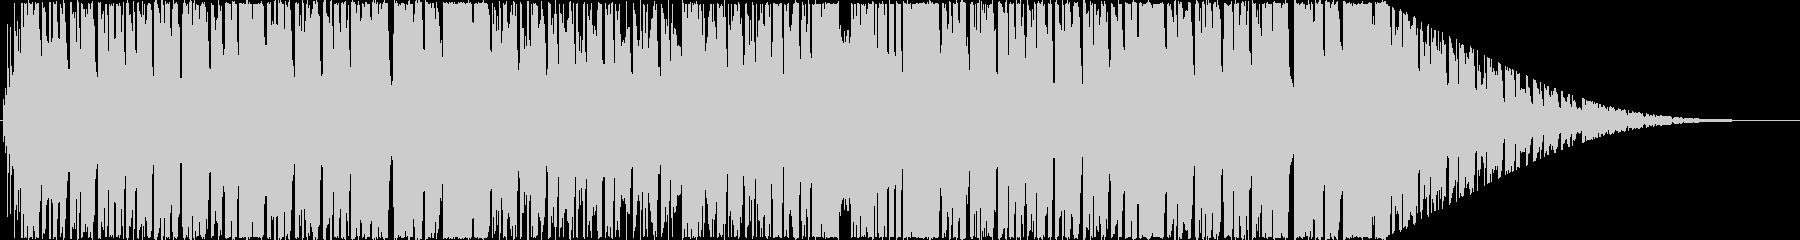 日常系ほのぼの、ブラス&オルガン曲の未再生の波形